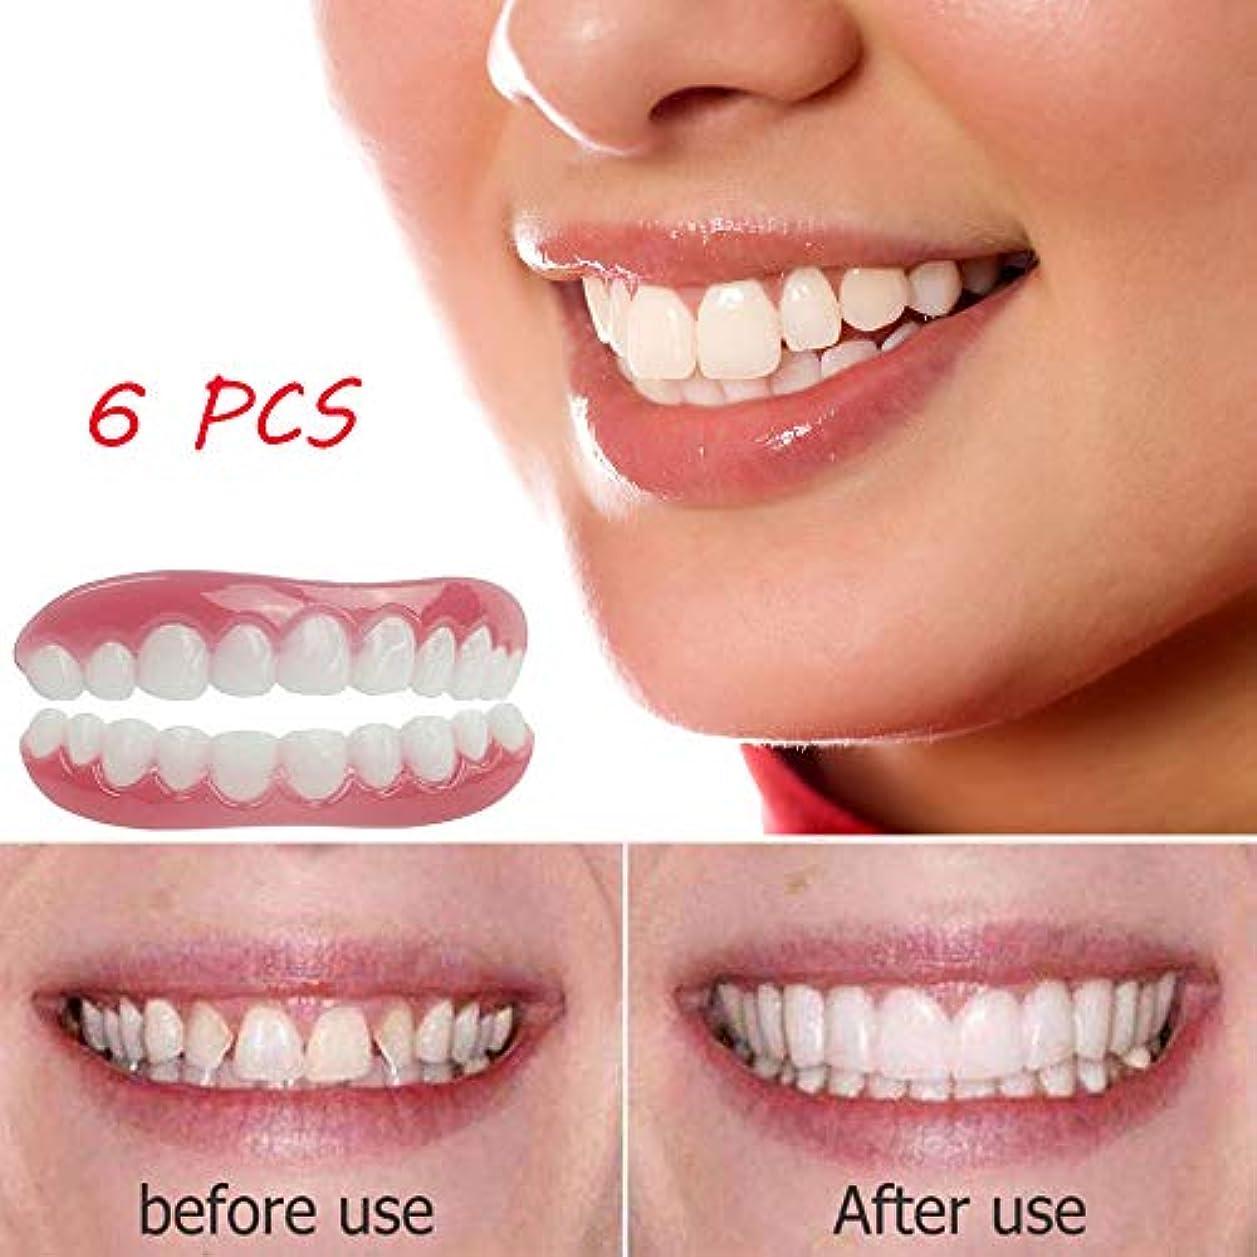 位置づけるサーバ毛布完璧なインスタントスマイル6ピース快適さ上下の柔軟な歯ホワイトニング歯義歯義歯メイクアップデンタルカバー美容ツール